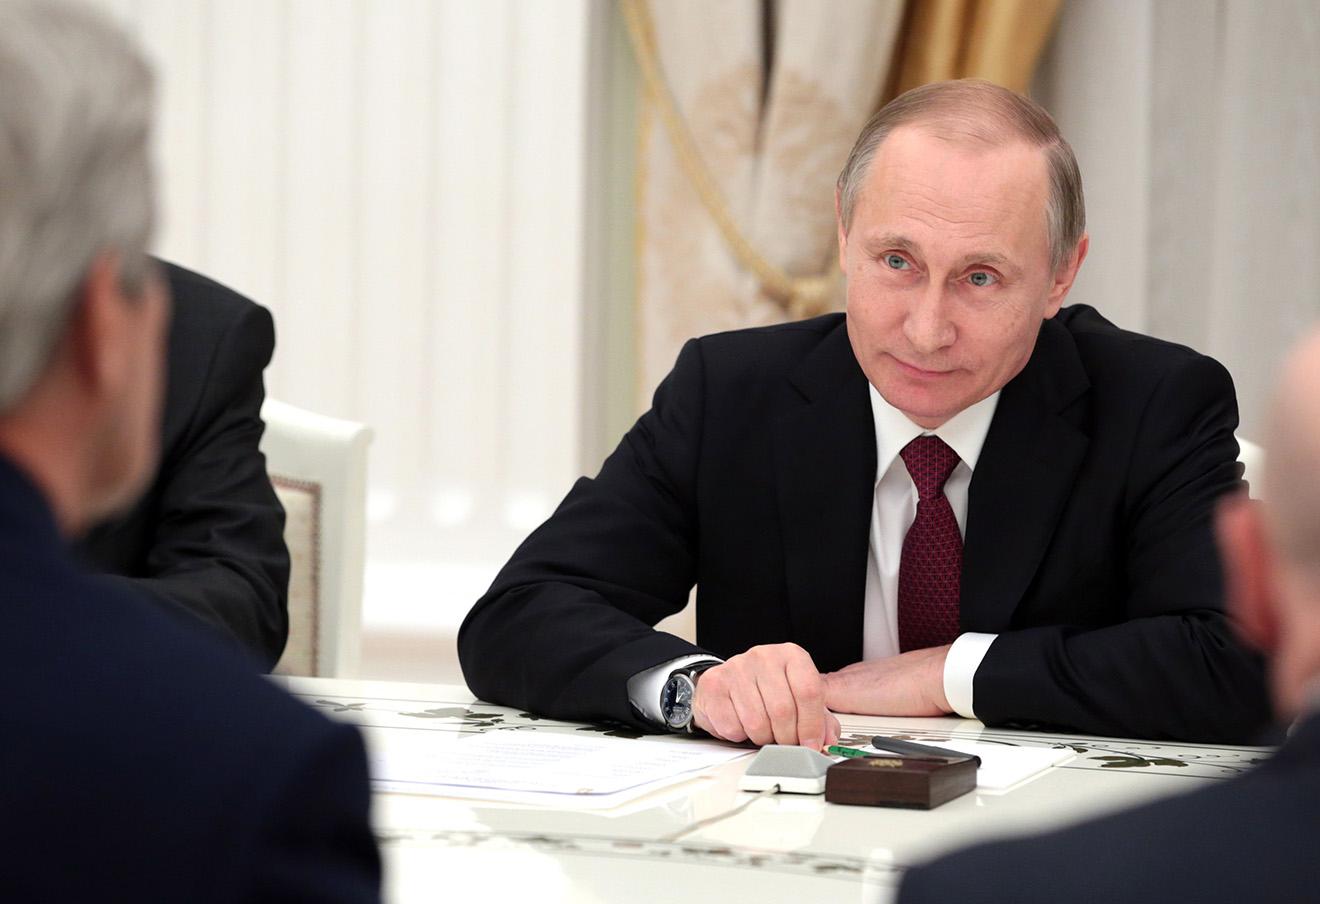 Владимир Путин во время встречи с Джоном Керри в Кремле, 24 марта 2016 года.